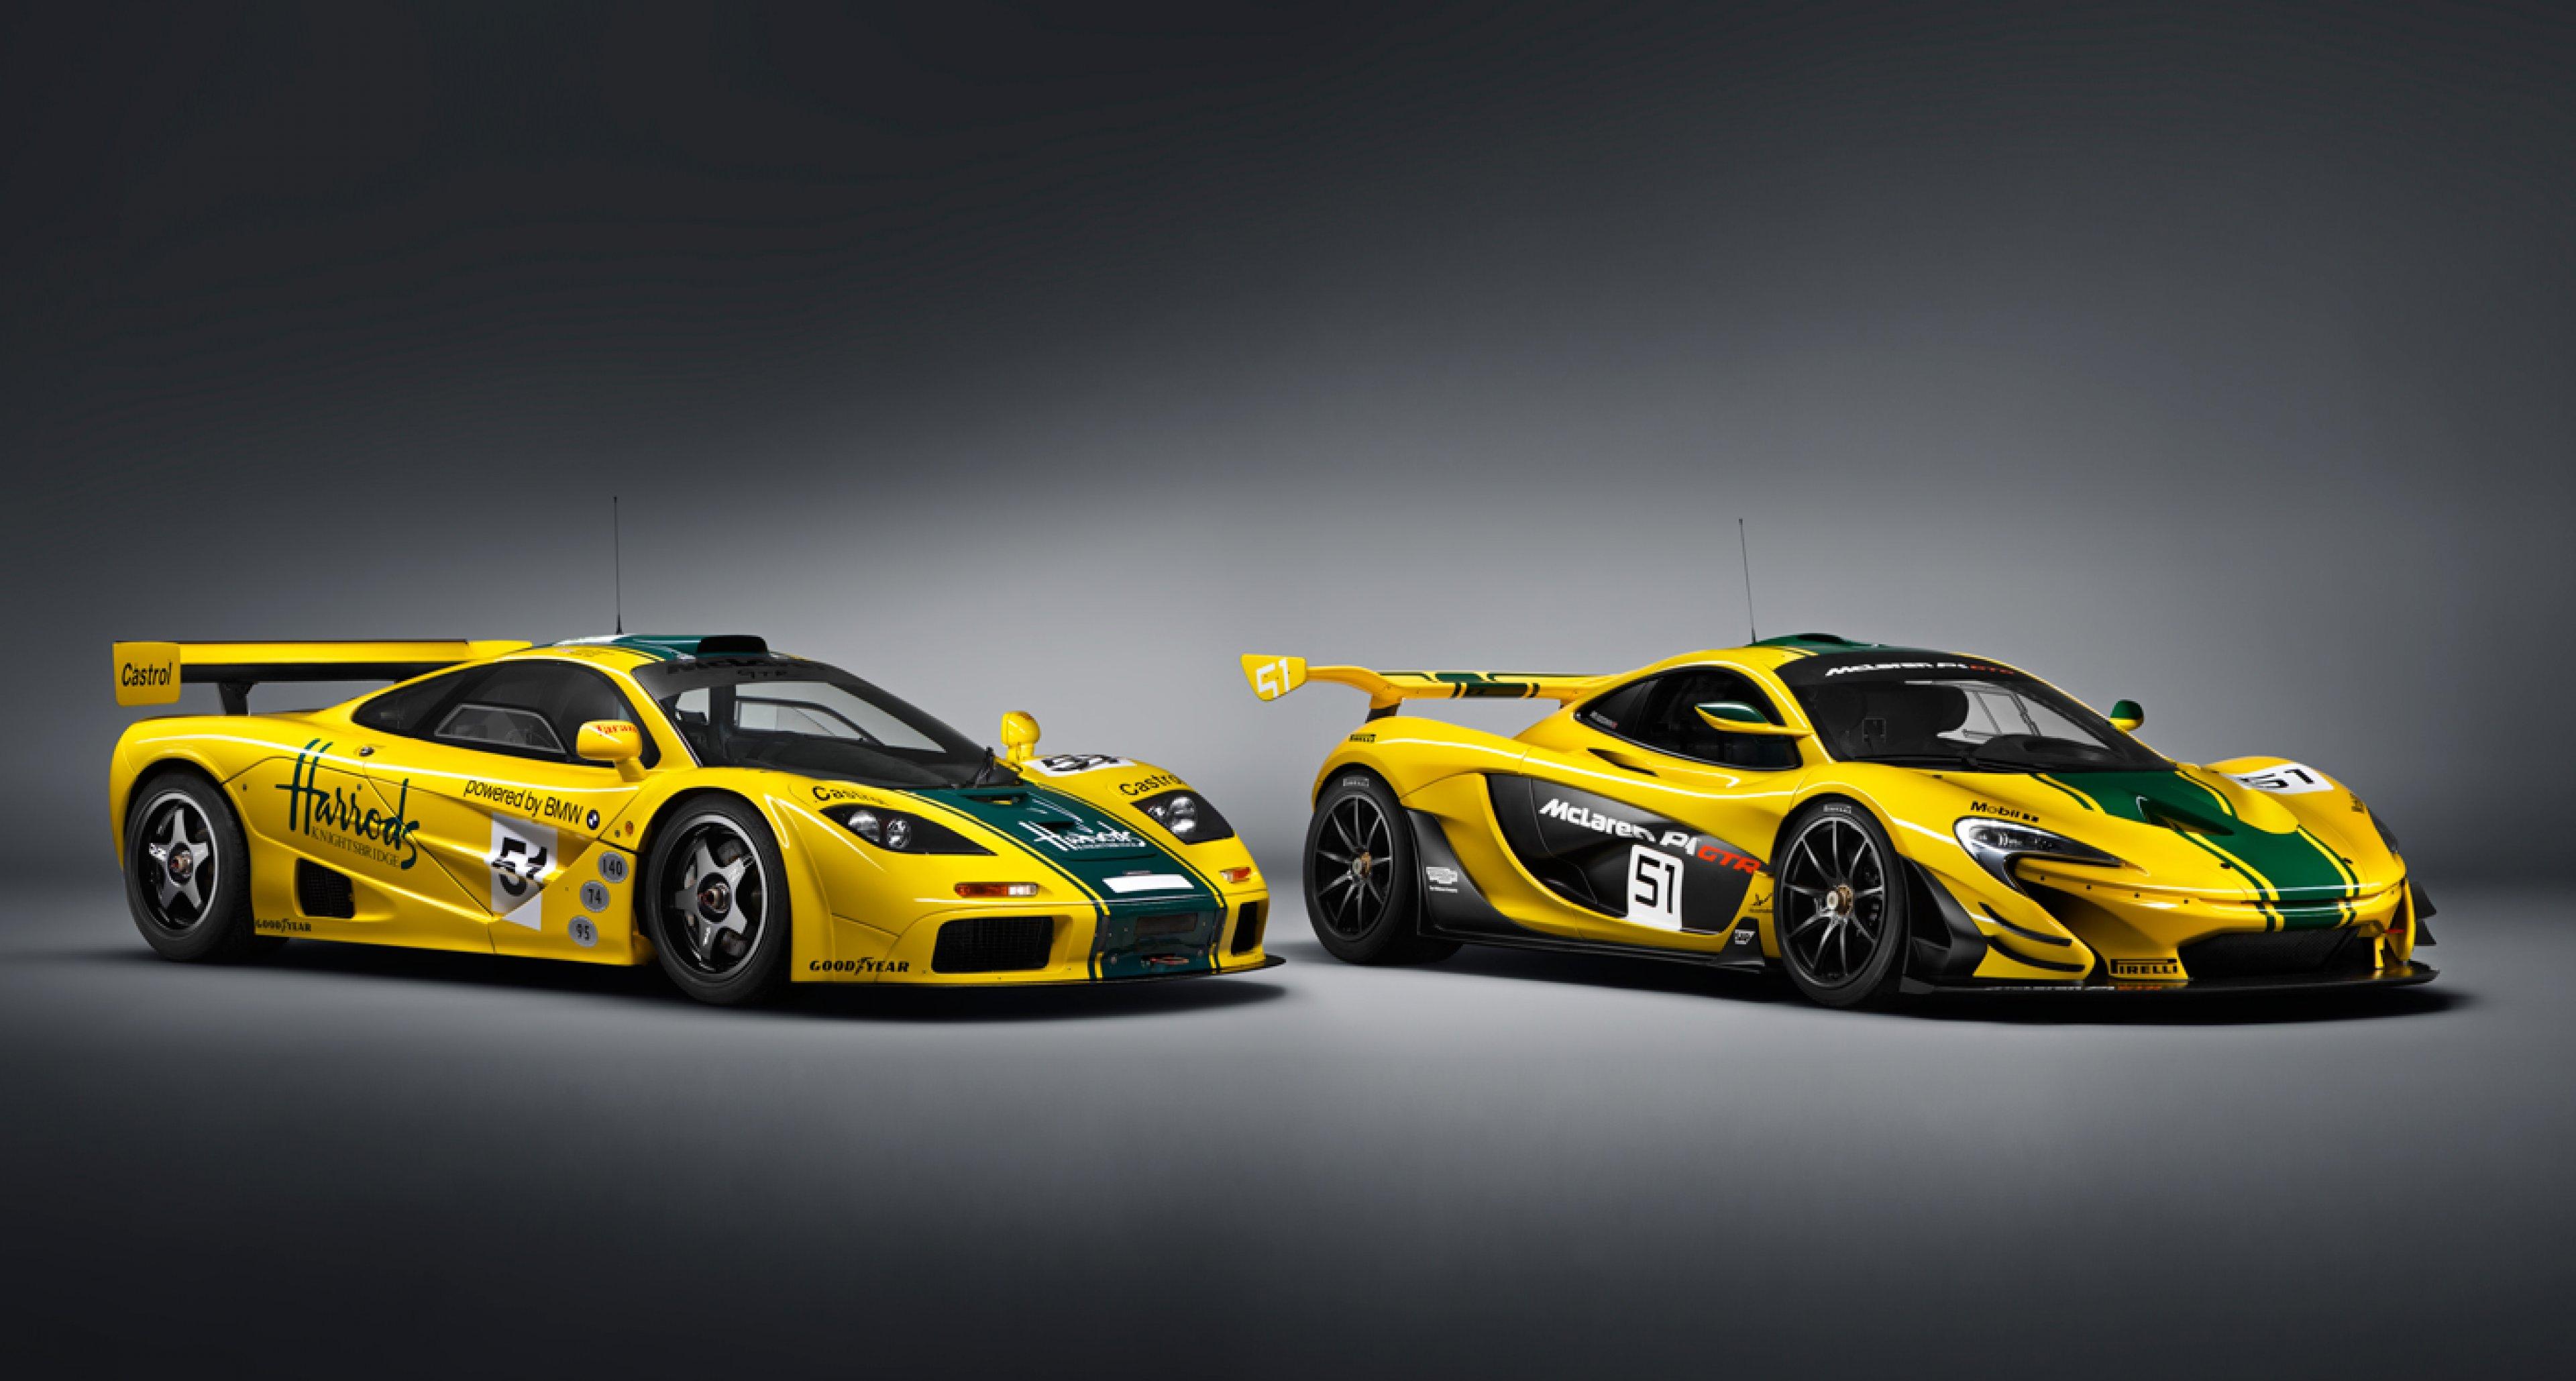 Production Spec Mclaren P1 Gtr Wears Legendary Le Mans Livery Classic Driver Magazine